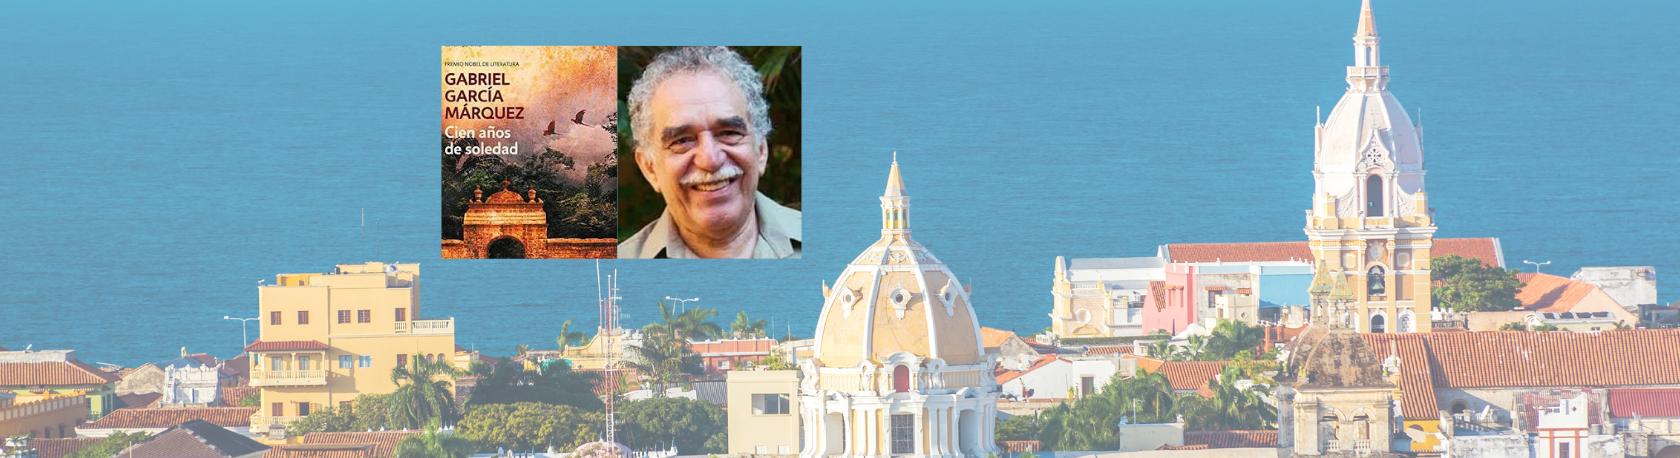 ¿Sabías que Gabriel García Marquez fue el primer colombiano en recibir un Premio Nobel? - Easy Español